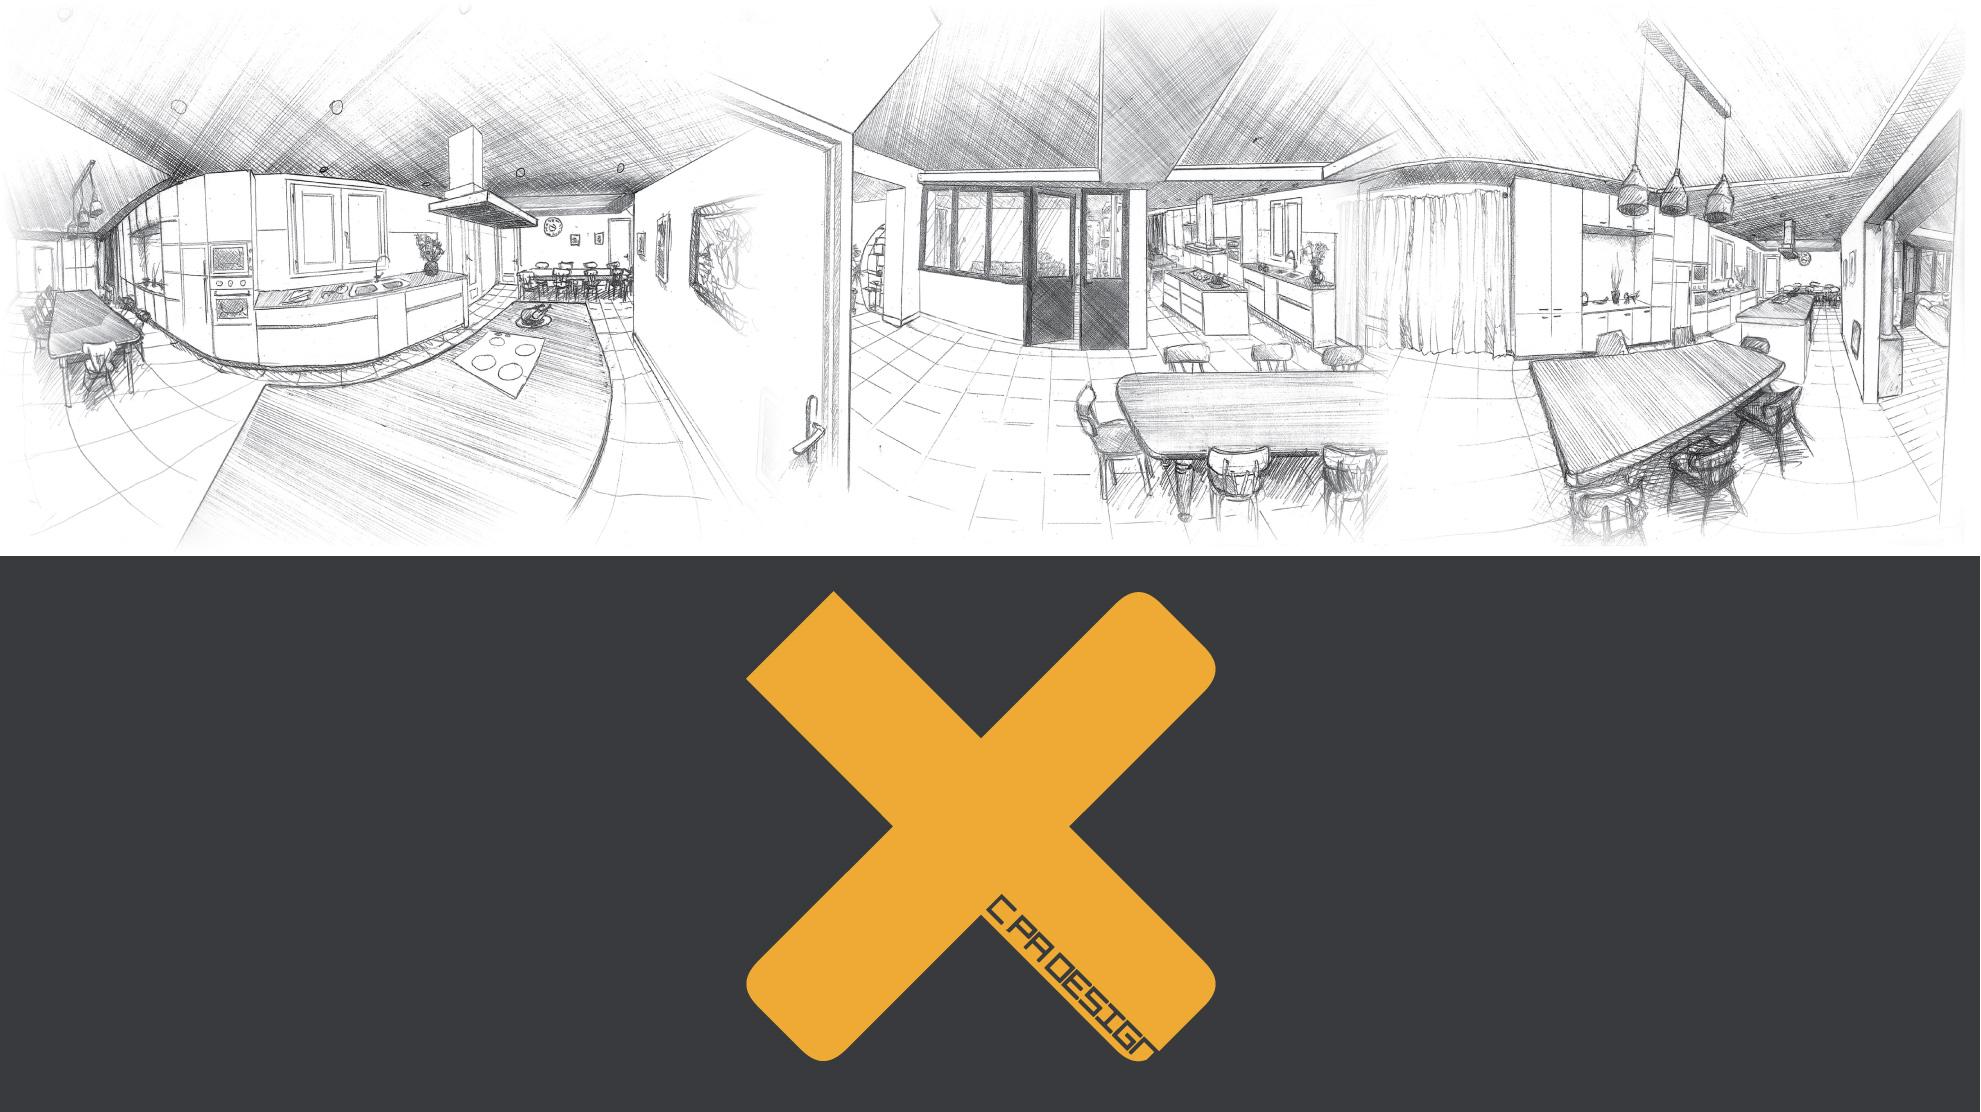 c_pa_design_produit_design_mobilier_realisation_architecture-interieure -3d-croquis-main-lever